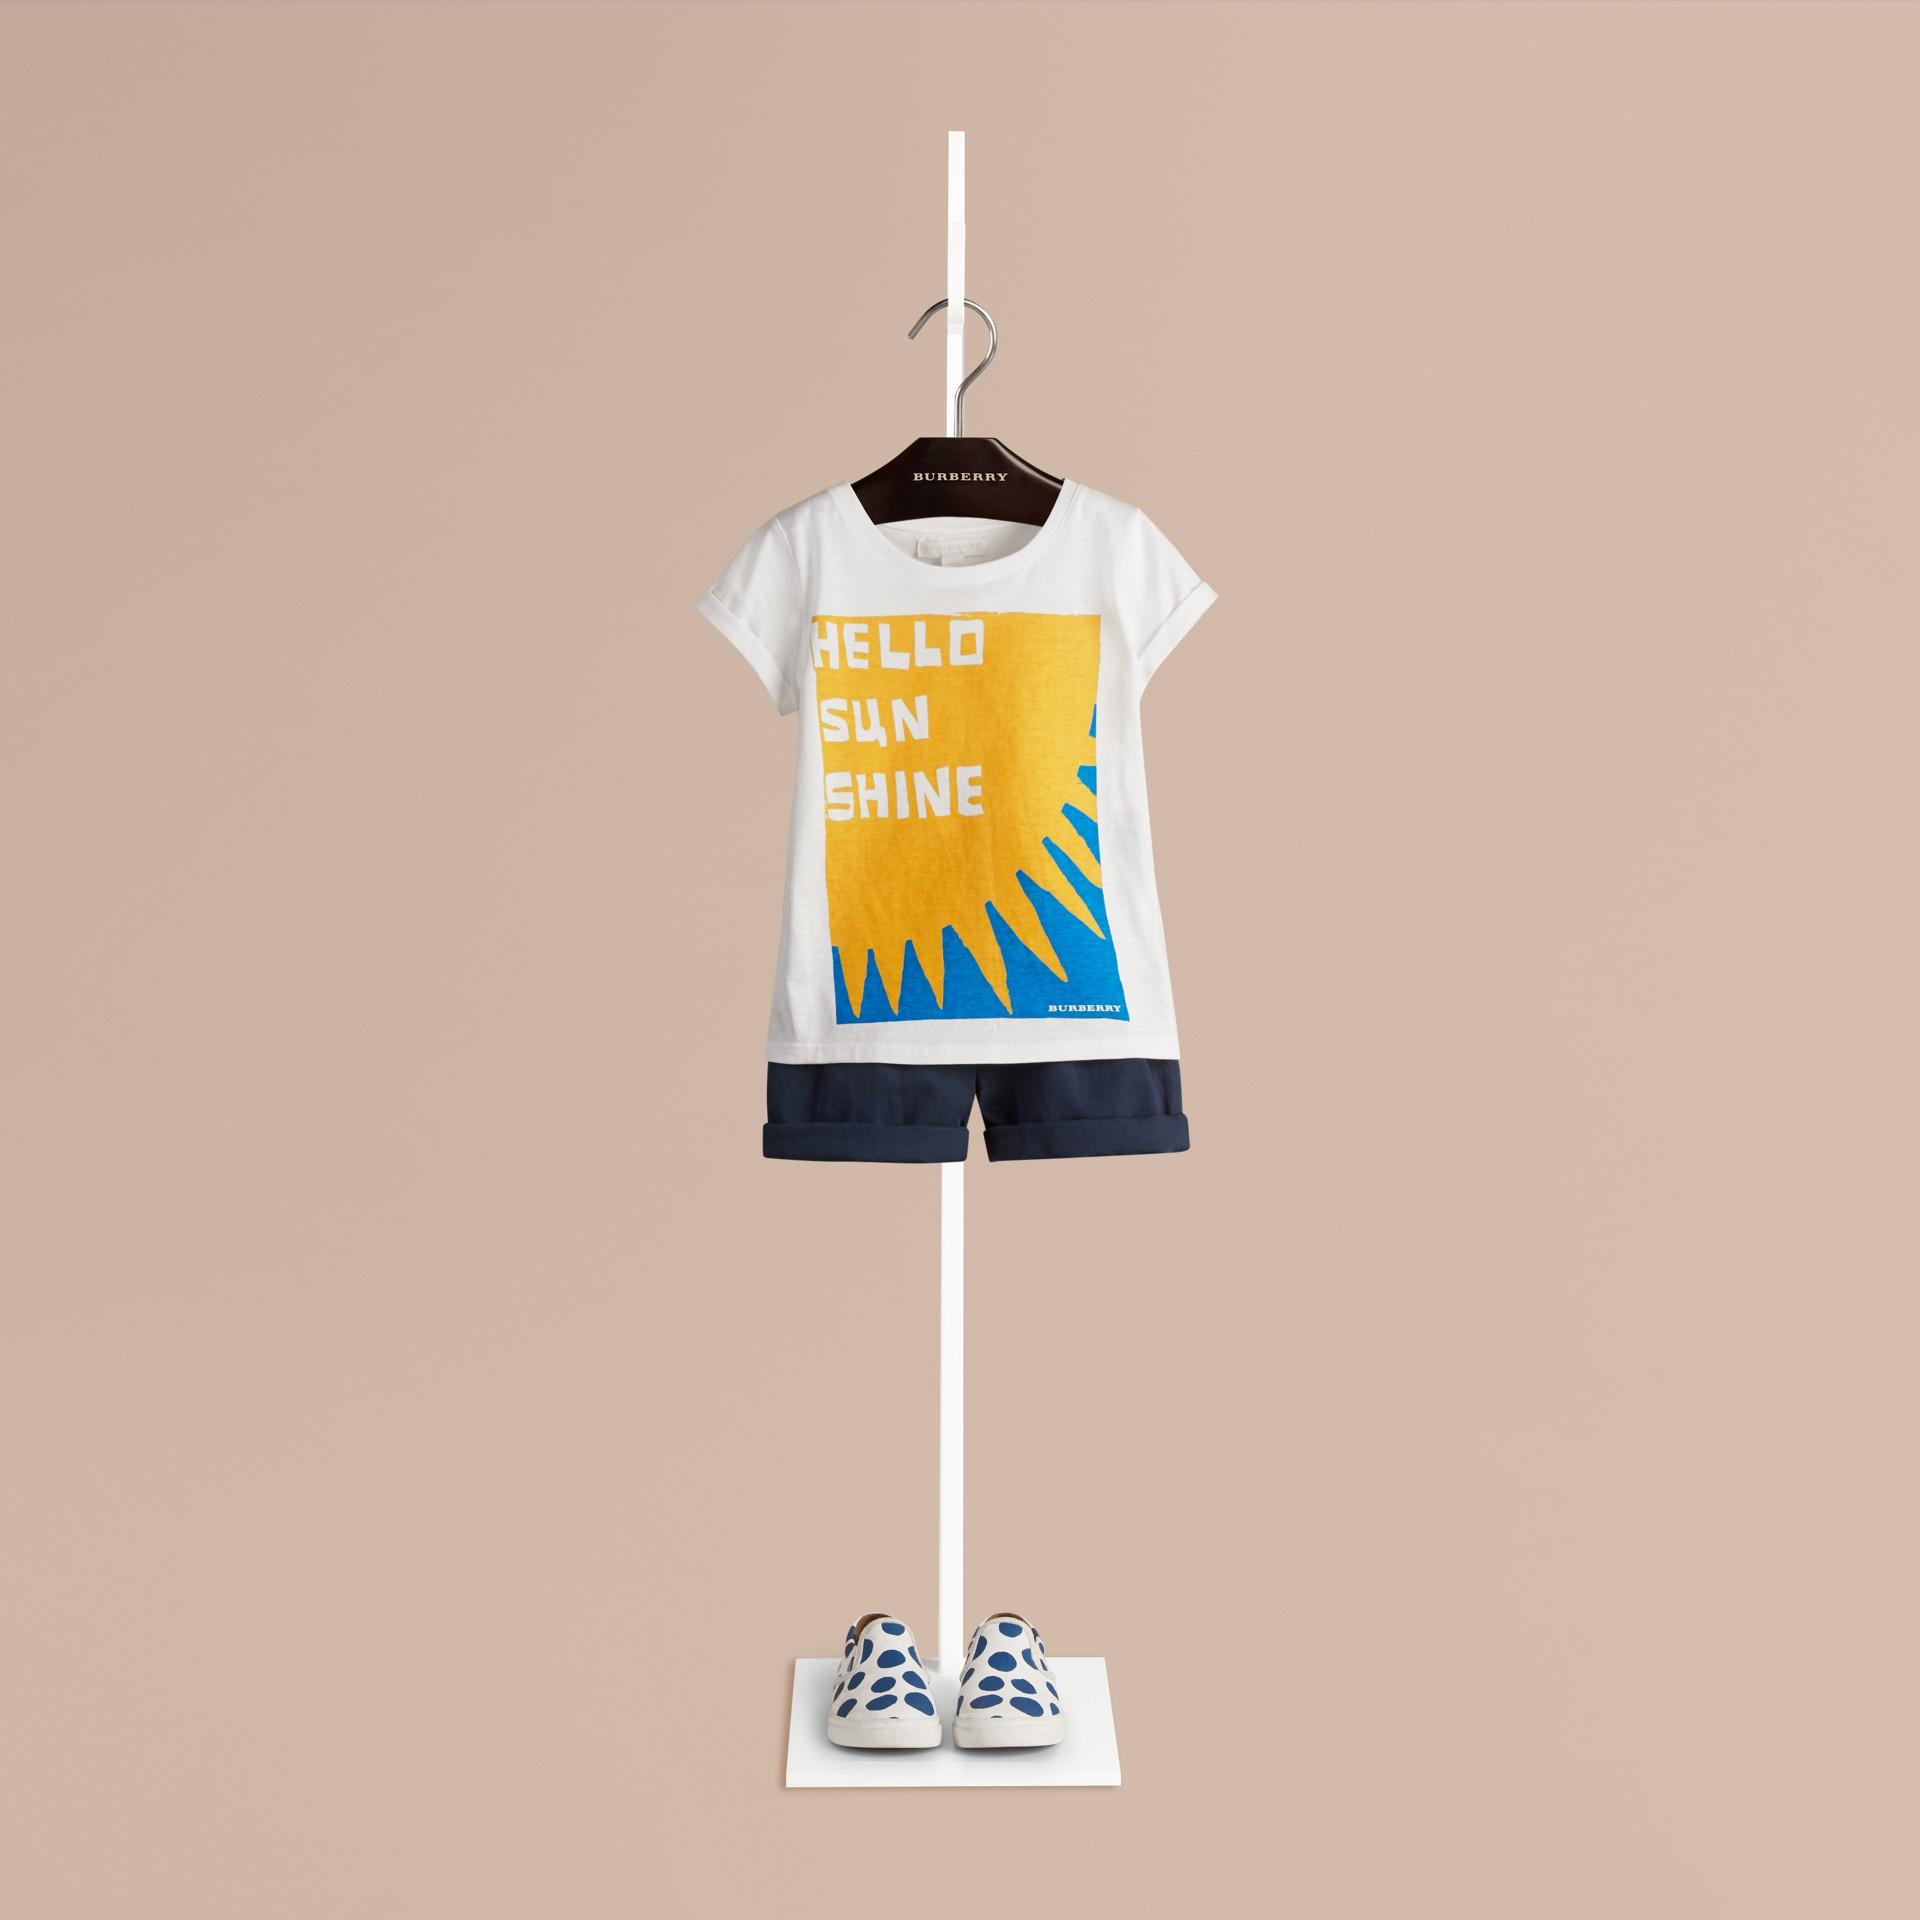 Weiss Baumwoll-T-Shirt mit Hello Sunshine-Druck - Galerie-Bild 1